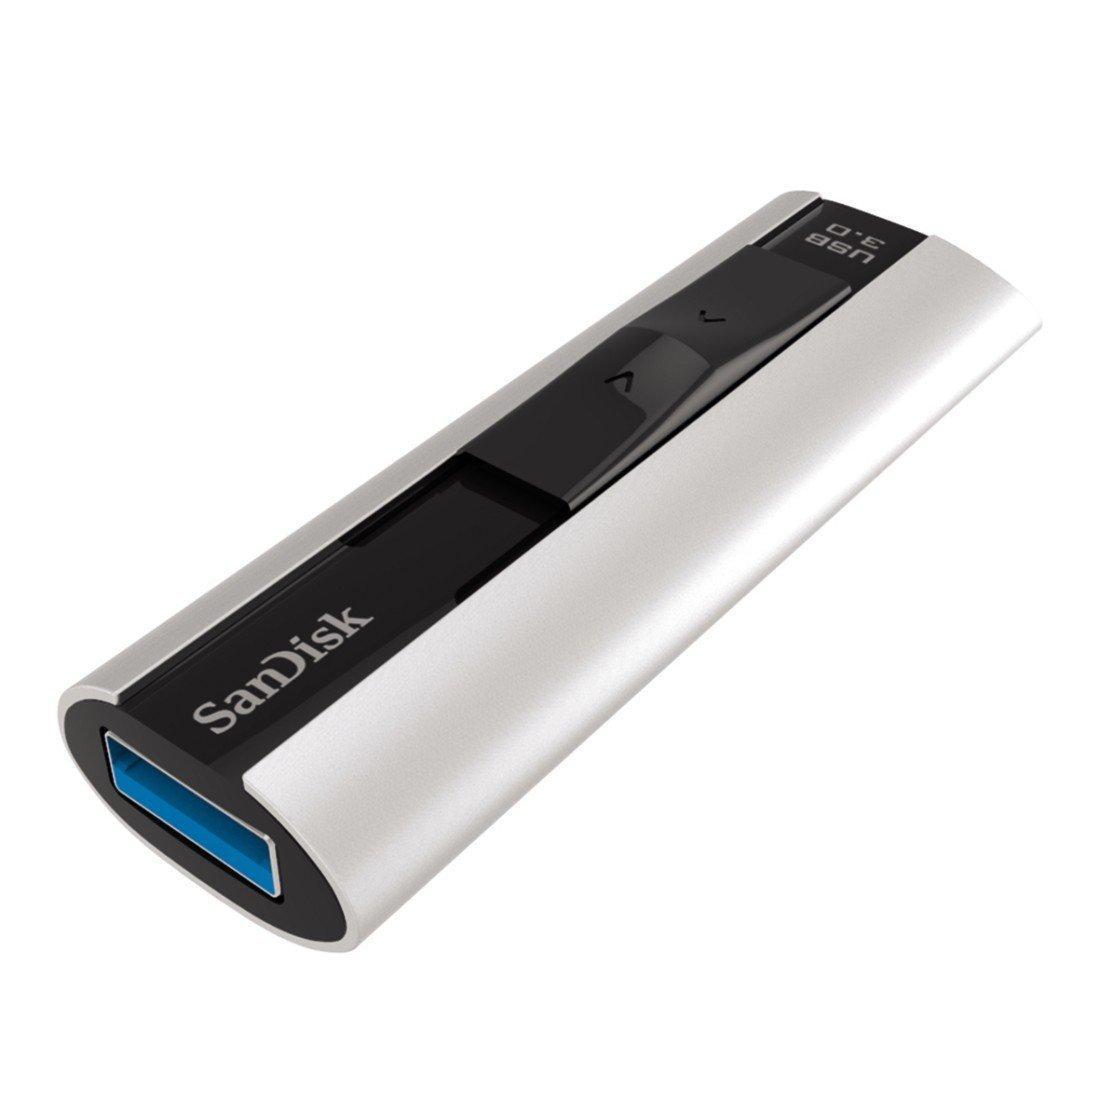 Clé USB 3.0 SanDisk Extreme Pro (240Mo/s en écriture et 260Mo/s en lecture) - 128Go